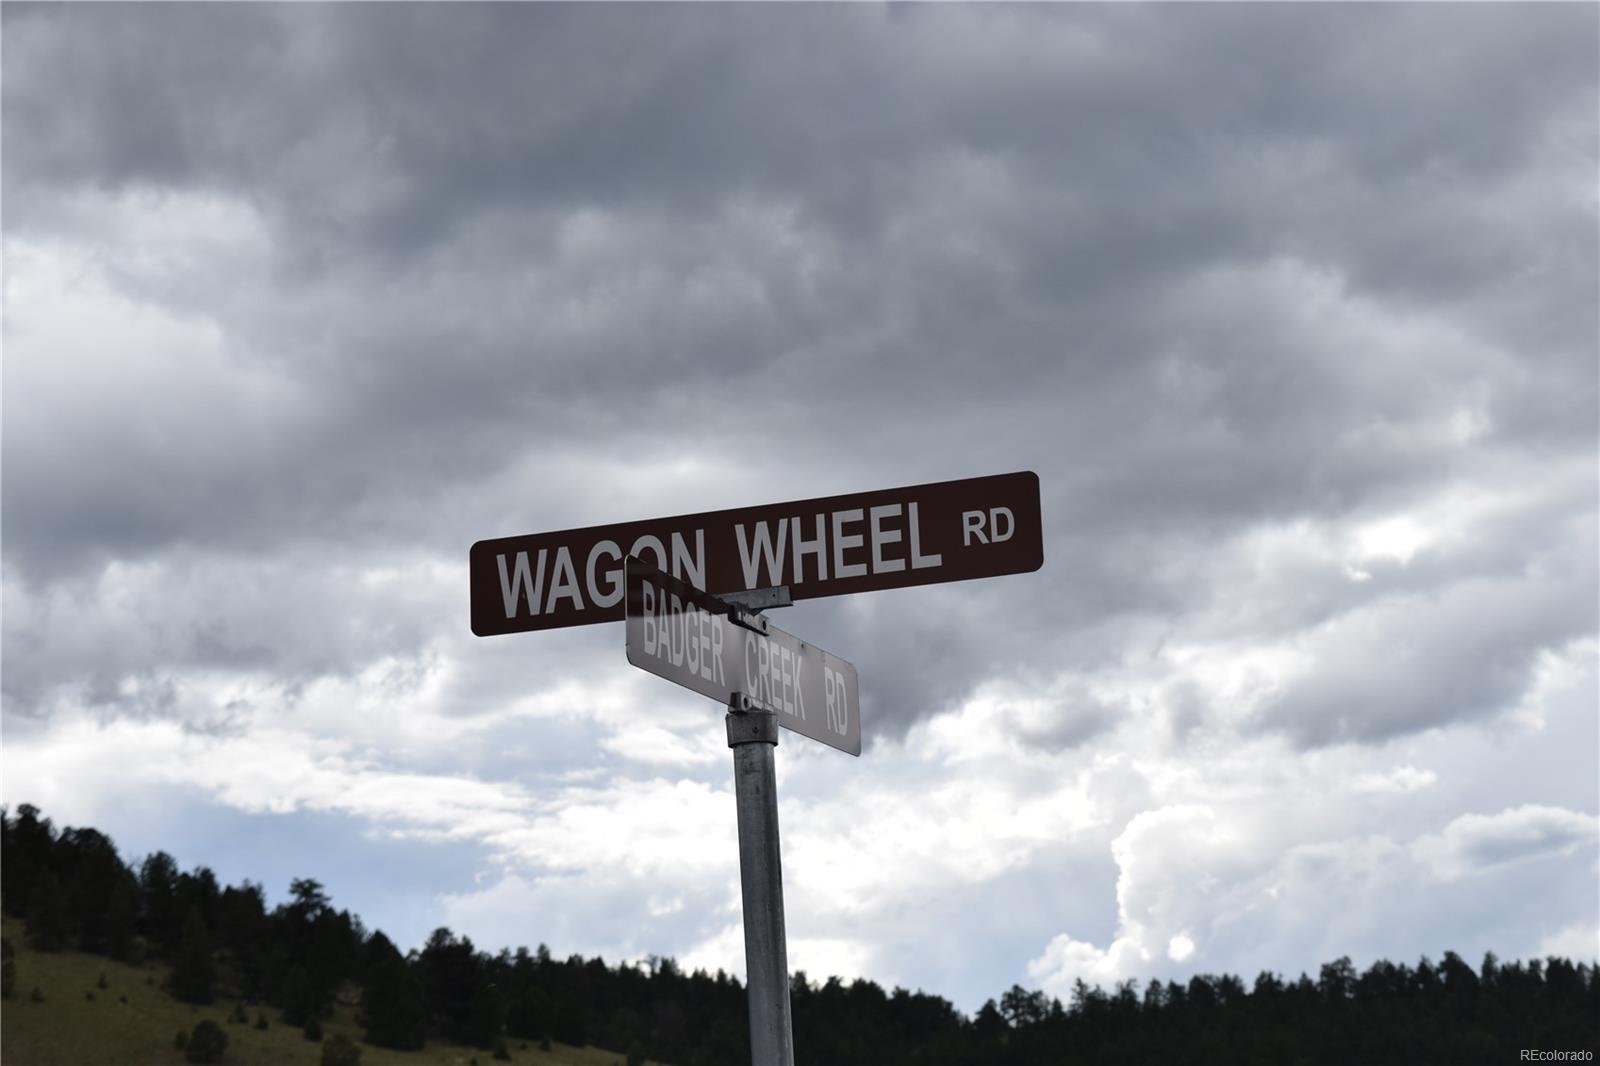 MLS# 7483018 - 10 - 368 Wagon Wheel Road, Hartsel, CO 80449